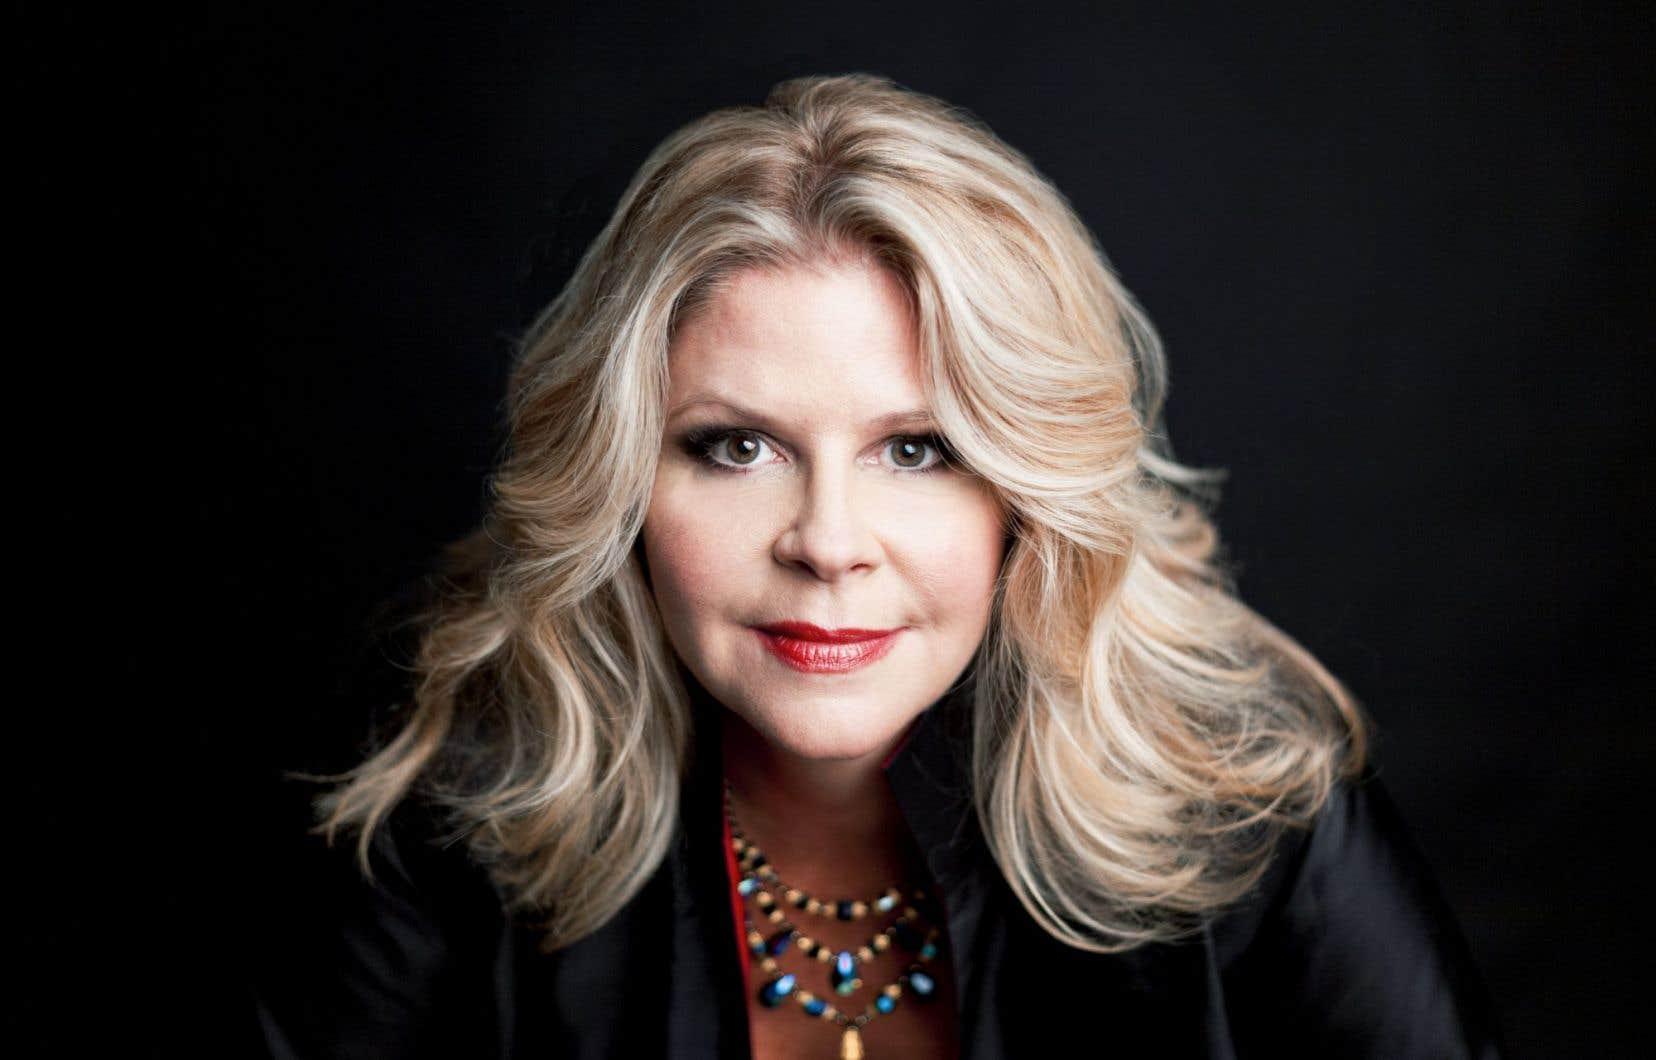 Le Concert de Noël 2014 de l'OSM passe à peu près la rampe par une sorte de miracle qui peut s'expliquer par le charme et l'aura de Susan Graham.